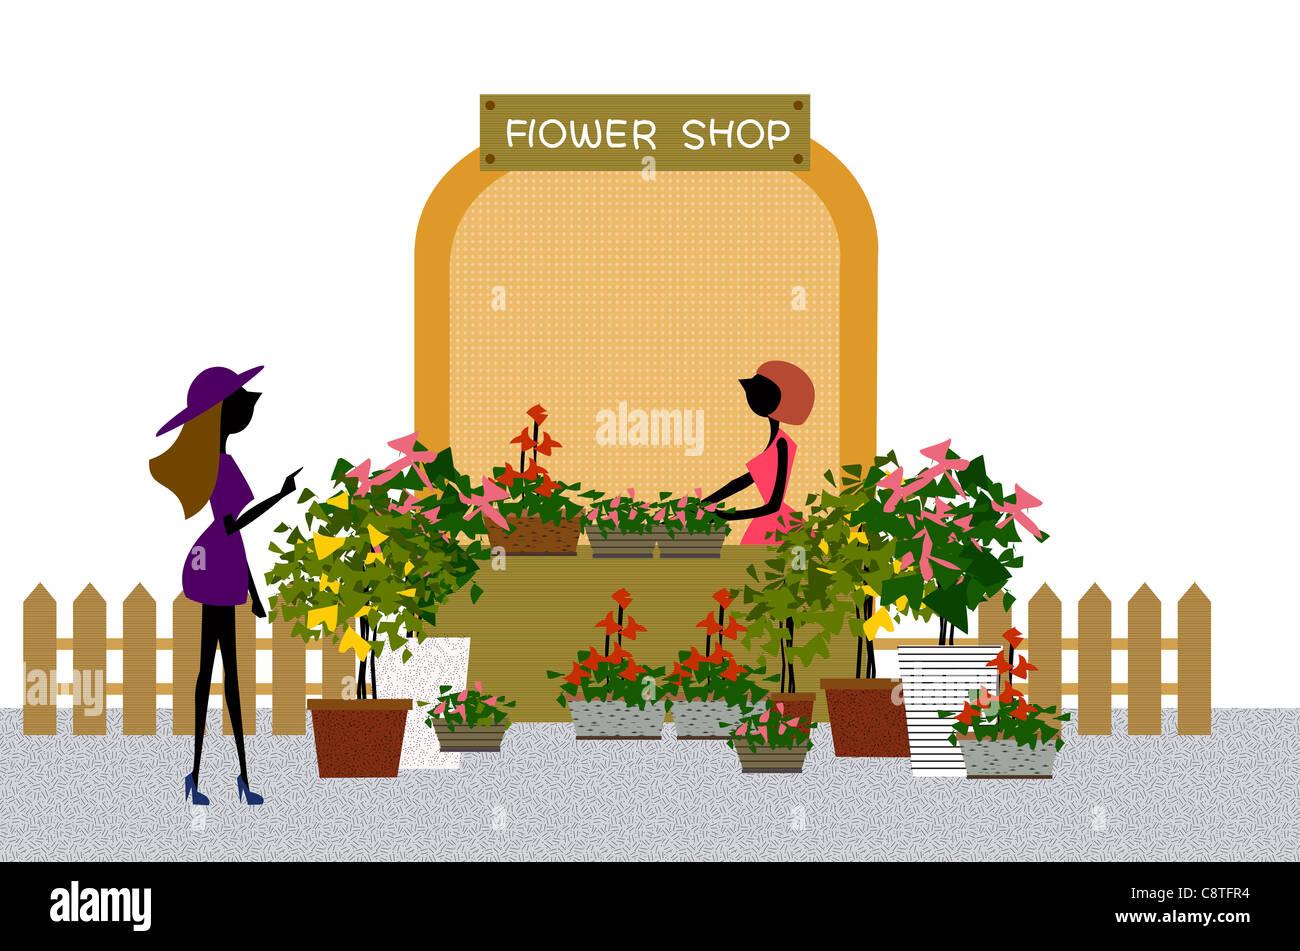 Donna al fioraio Display Immagini Stock